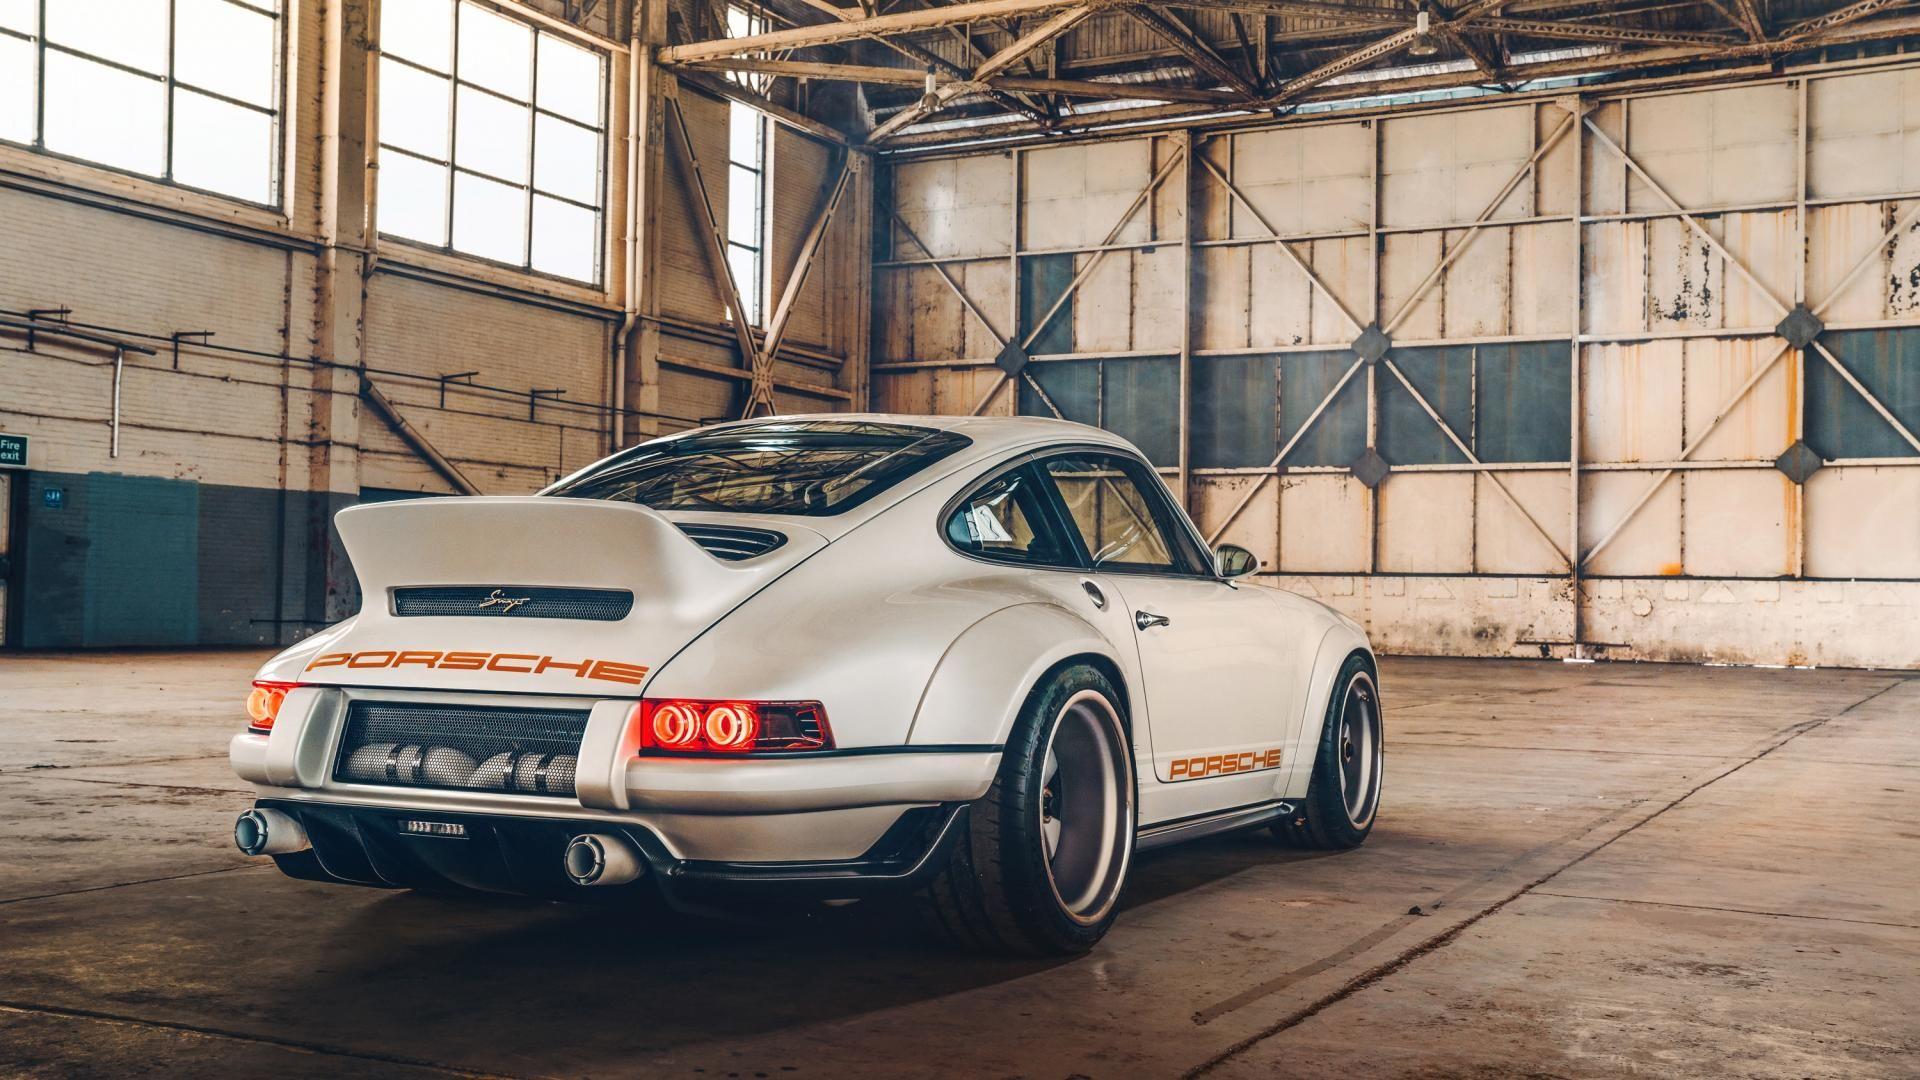 Singer Porsche Porsche Classic Porsche